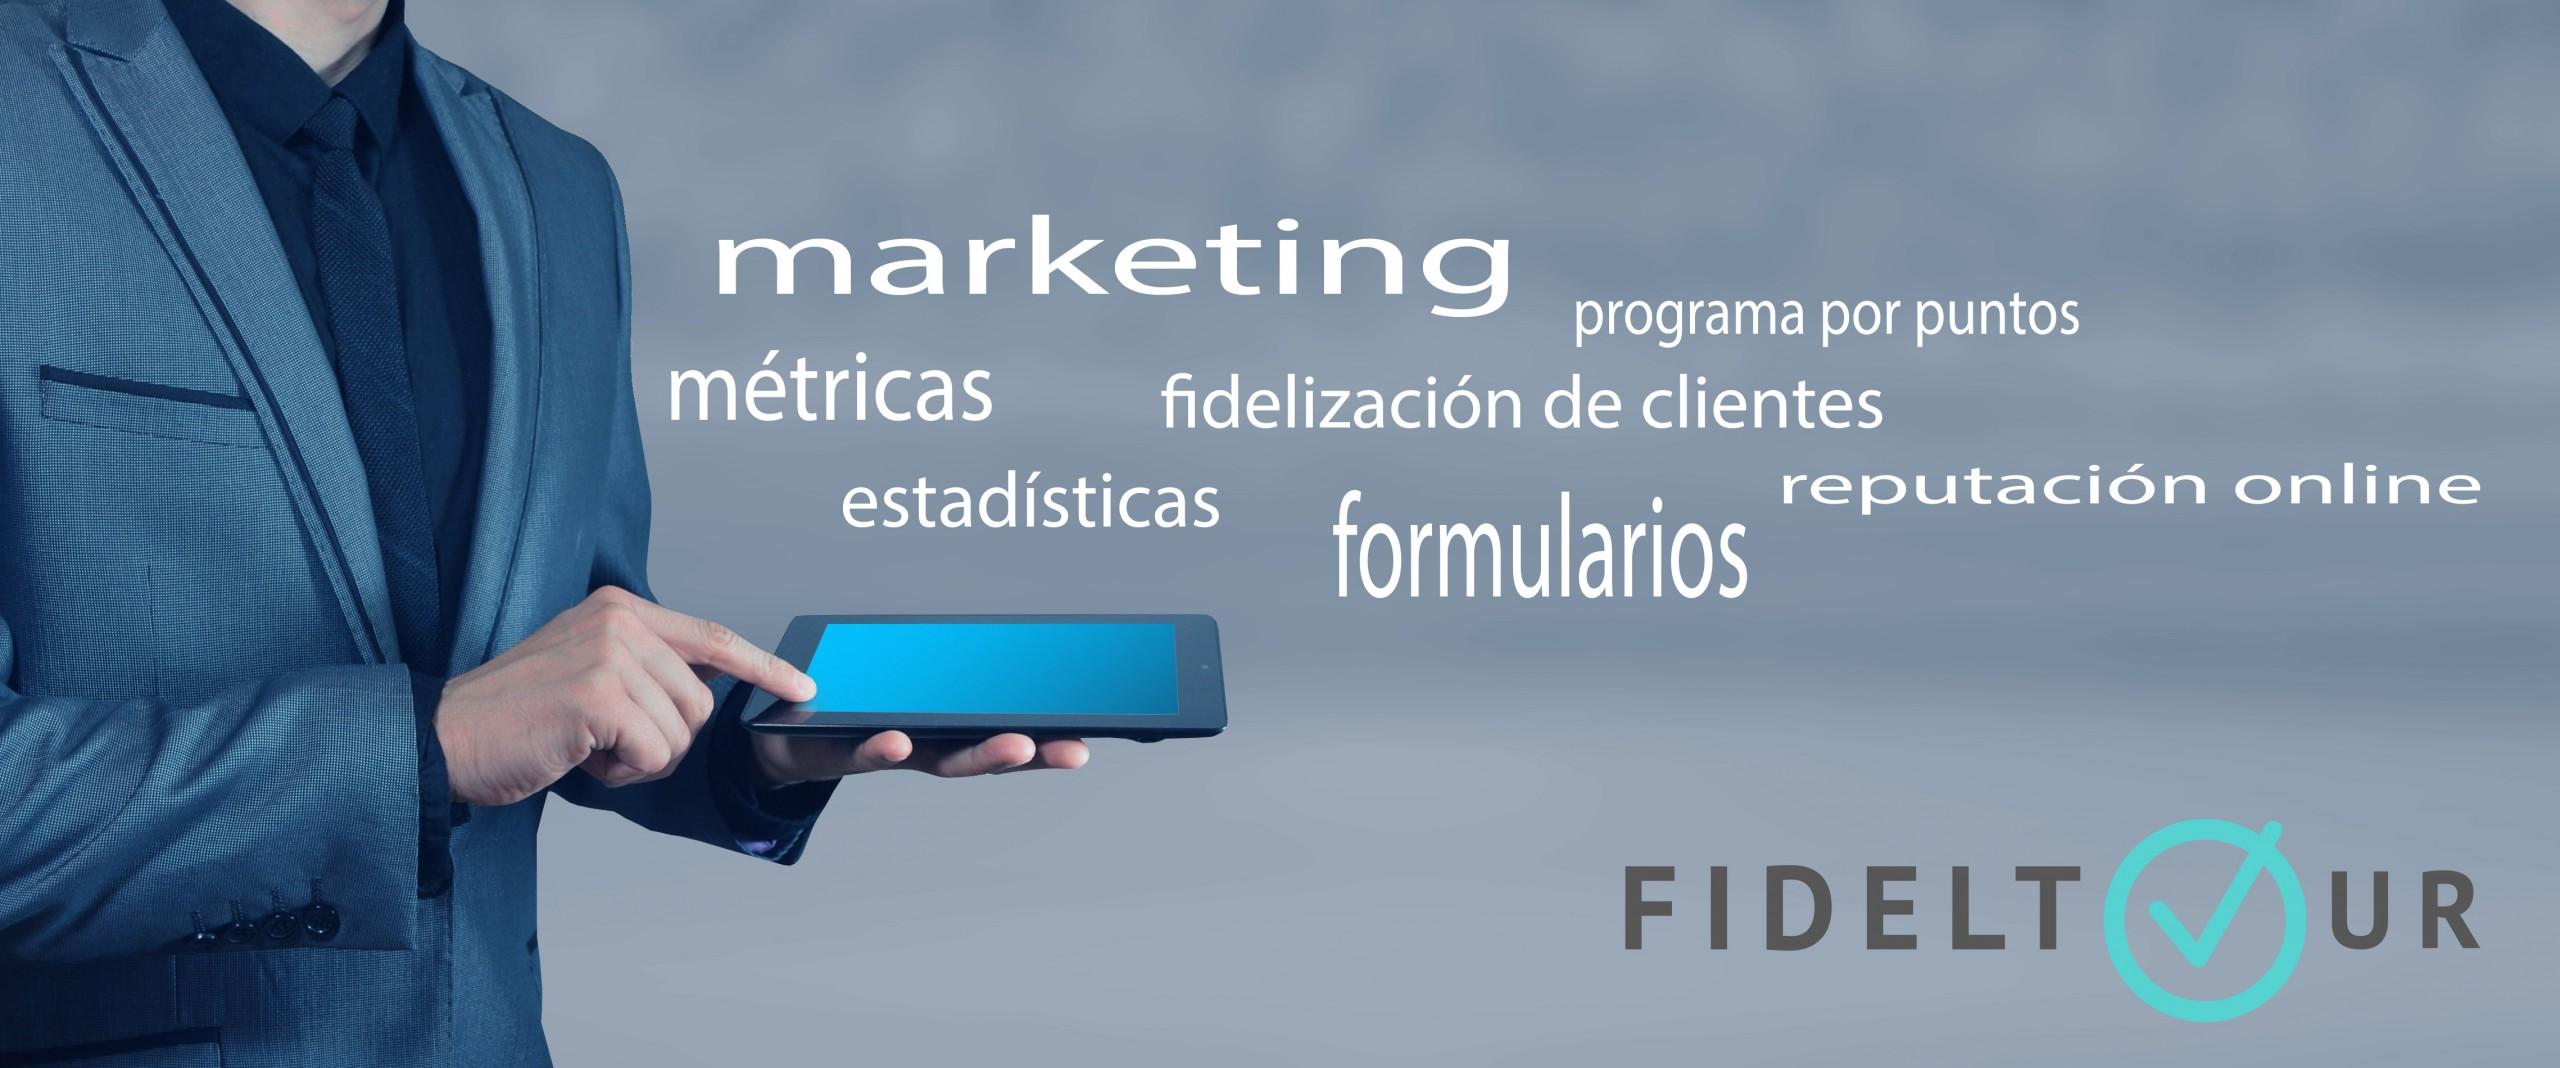 Fideltour